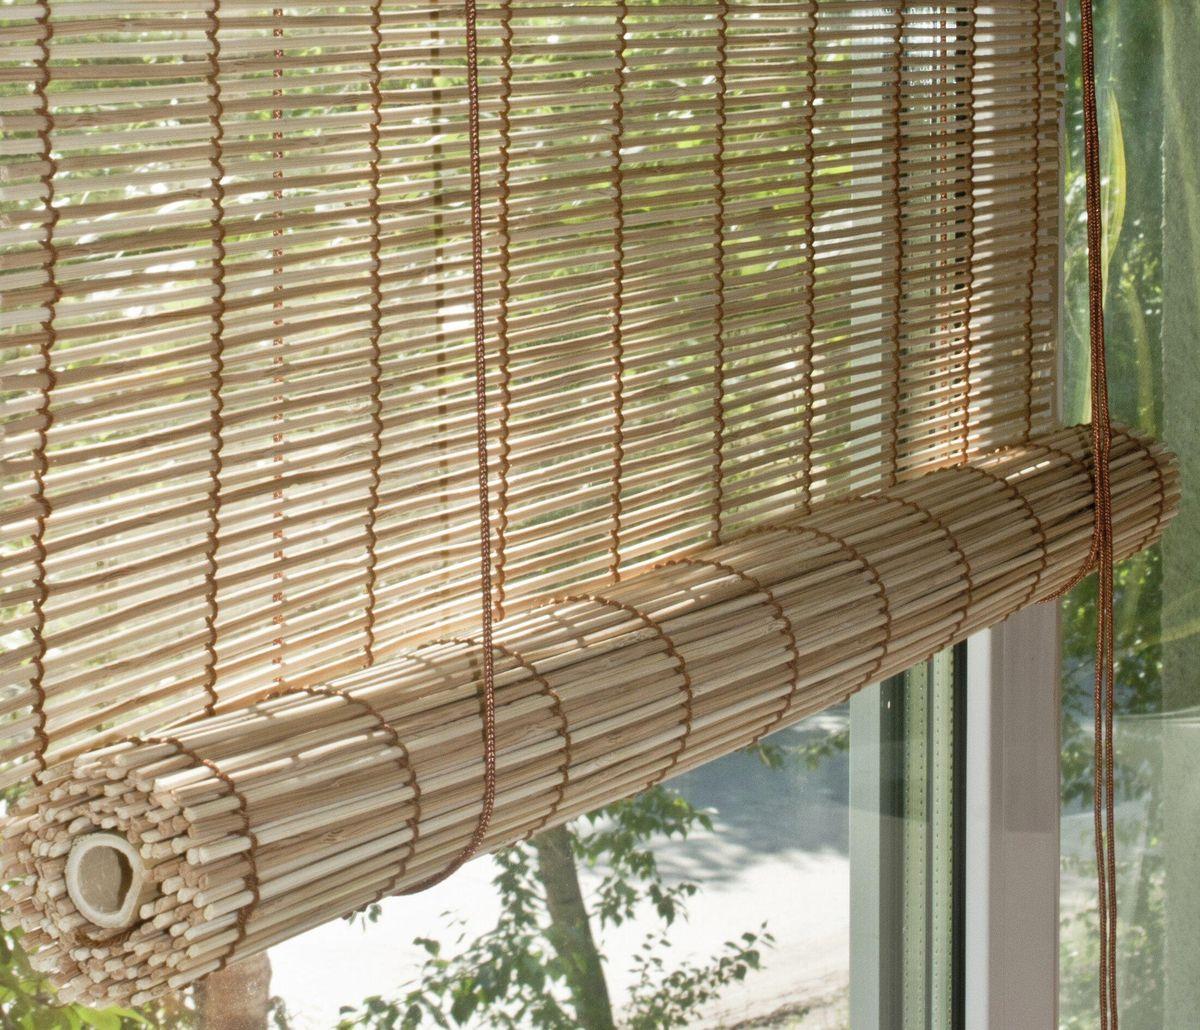 Штора рулонная Эскар Бамбук, цвет: натуральный микс, ширина 70 см, высота 160 см71909070180При оформлении интерьера современных помещений многие отдают предпочтение природным материалам. Бамбуковые рулонные шторы - одно из натуральных изделий, способное сделать атмосферу помещения более уютной и в то же время необычной. Свойства бамбука уникальны: он экологически чист, так как быстро вырастает, благодаря чему не успевает накопить вредные вещества из окружающей среды. Кроме того, растение обладает противомикробным и антибактериальным действием. Занавеси из бамбука безопасно использовать в помещениях, где находятся новорожденные дети и люди, склонные к аллергии. Они незаменимы для тех, кто заботится о своем здоровье и уделяет внимание высокому уровню жизни.Бамбуковые рулонные шторы представляют собой полотно, состоящее из тонких бамбуковых стеблей и сворачиваемое в рулон.Римские бамбуковые шторы, как и тканевые римские шторы, при поднятии образуют крупные складки, которые прекрасно декорируют окно.Особенность устройства полотна позволяет свободно пропускать дневной свет, что обеспечивает мягкое освещение комнаты. Это натуральный влагостойкий материал, который легко вписывается в любой интерьер, хорошо сочетается с различной мебелью и элементами отделки. Использование бамбукового полотна придает помещению необычный вид и визуально расширяет пространство.